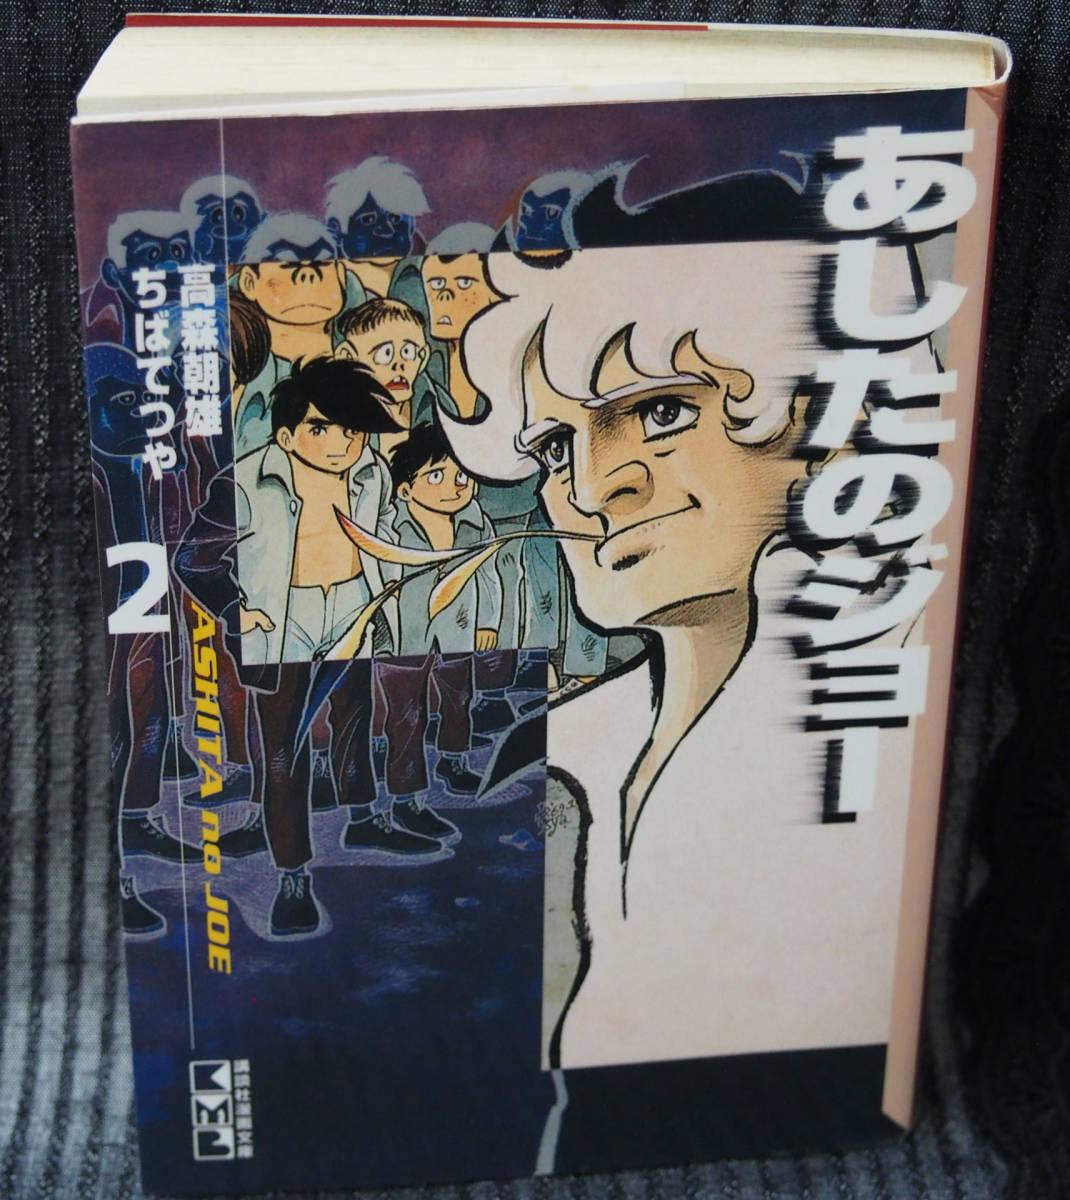 あしたのジョー 2巻 ちばてつや 高森朝雄 文庫コミック 講談社漫画文庫 _画像1